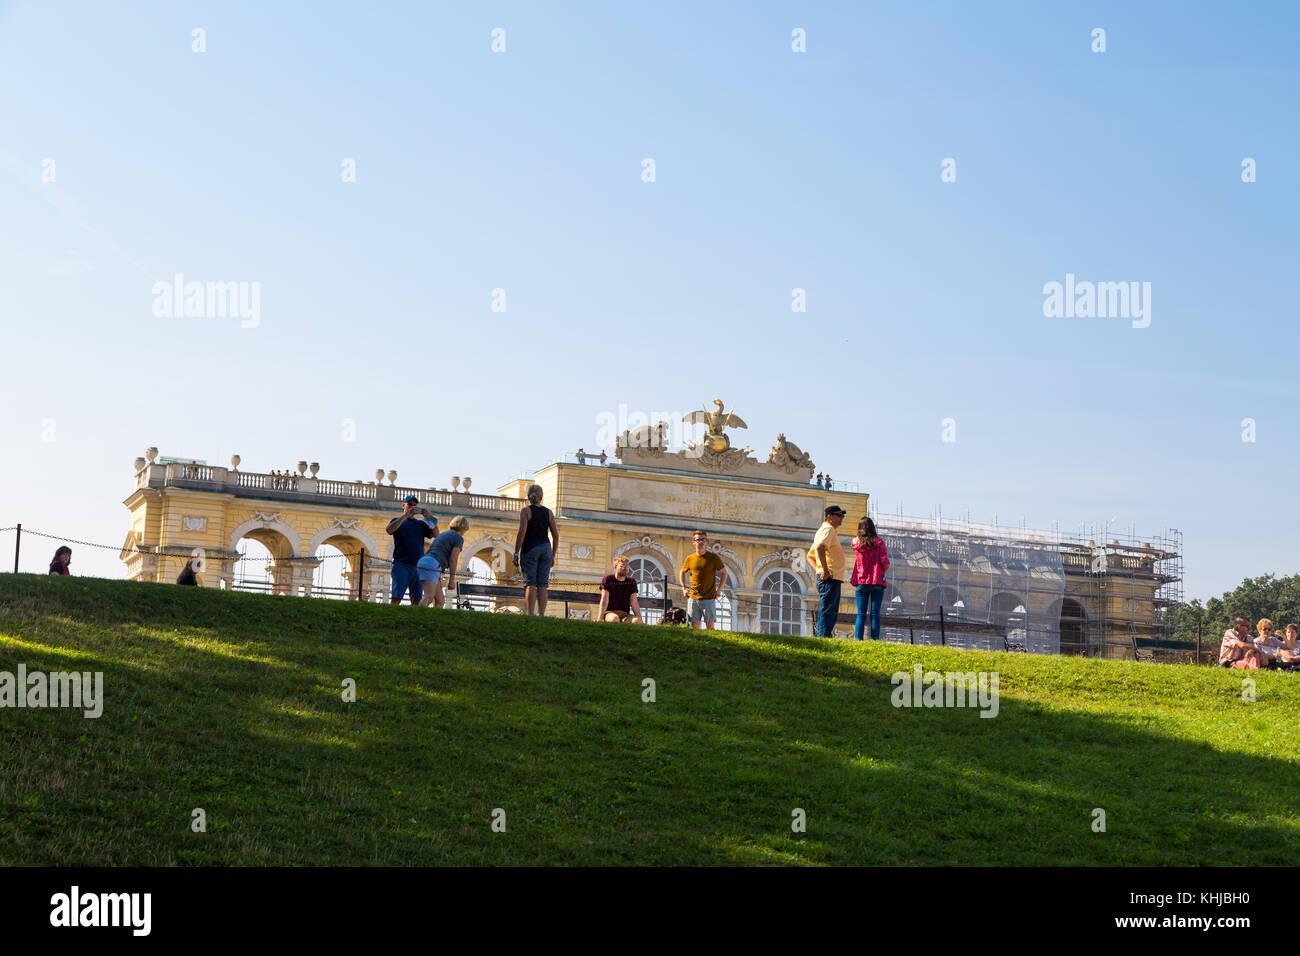 VIENNA, AUSTRIA - SEPTEMBER 11, 2016 : View of Classical Gloriette Arch in Schönbrunn Palace Garden in Vienna, - Stock Image